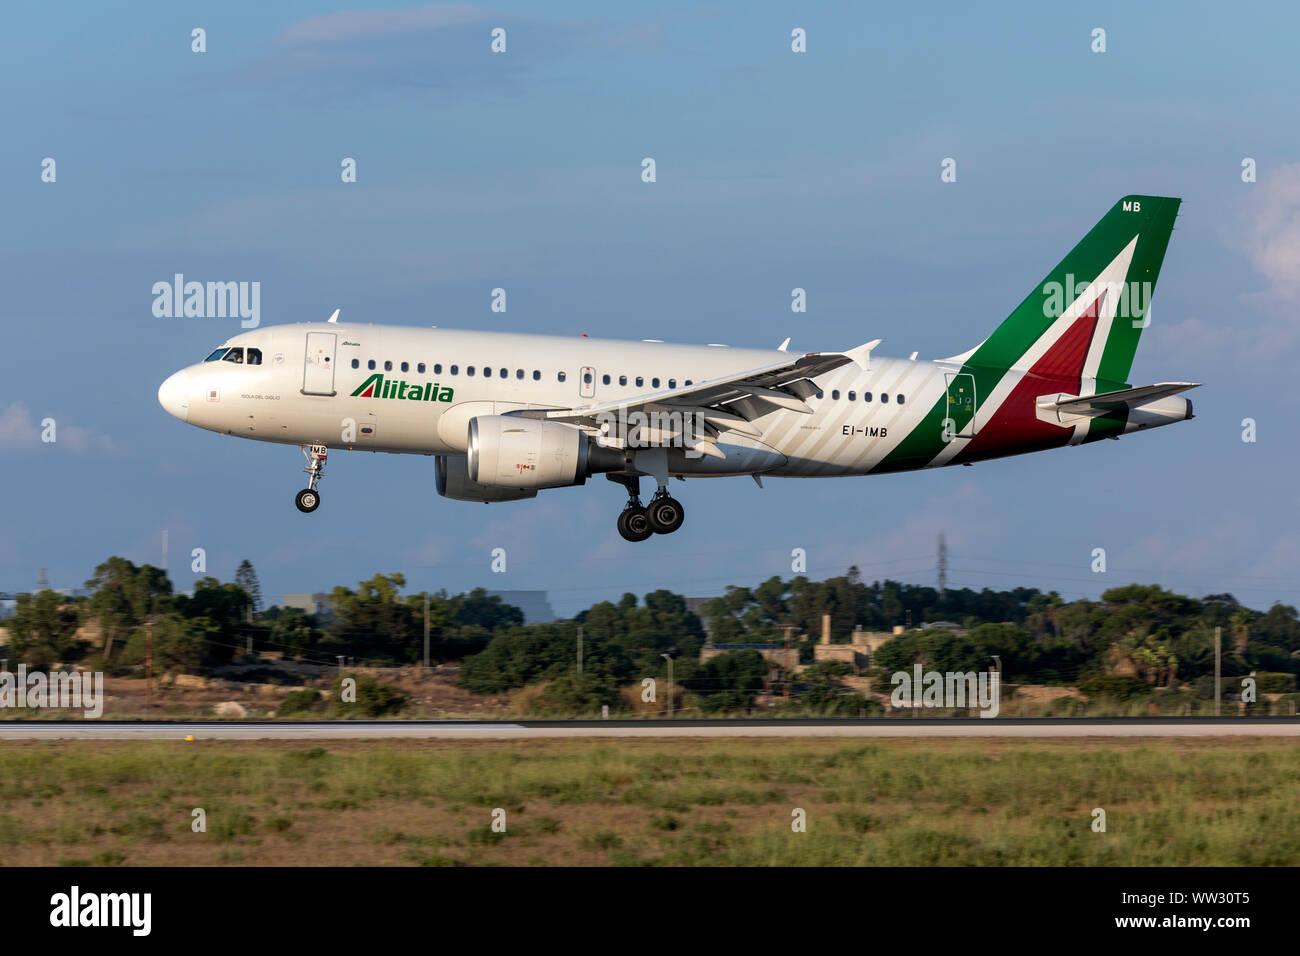 Alitalia Airbus A319-112 (EI-CNRC) arrivant sur l'après-midi vol de Rome, Italie. Banque D'Images